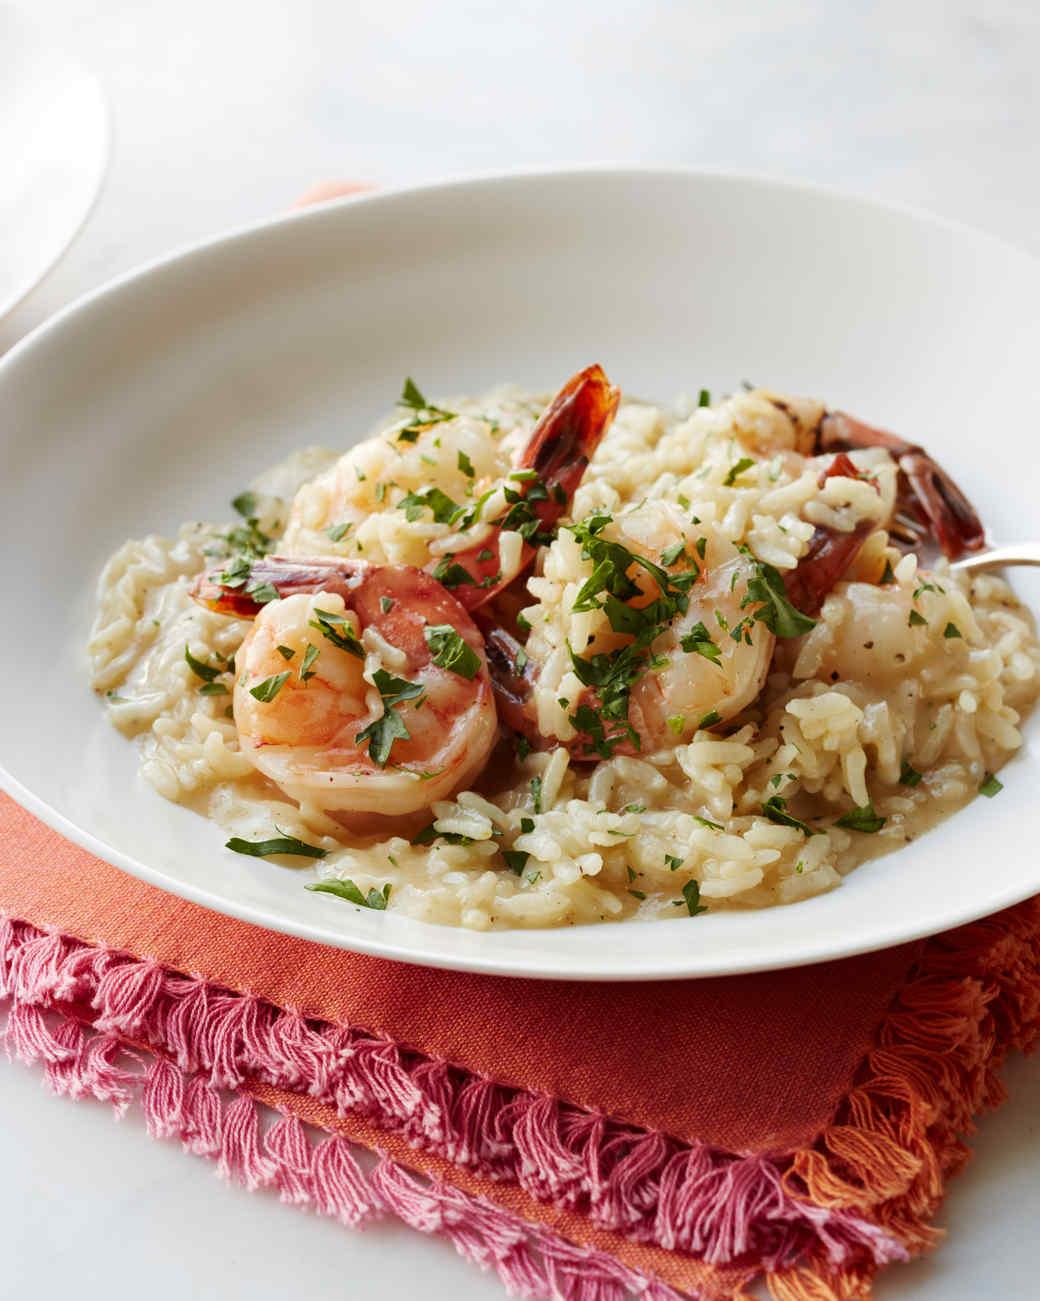 shrimp-risotto-043-d111289-0914.jpg